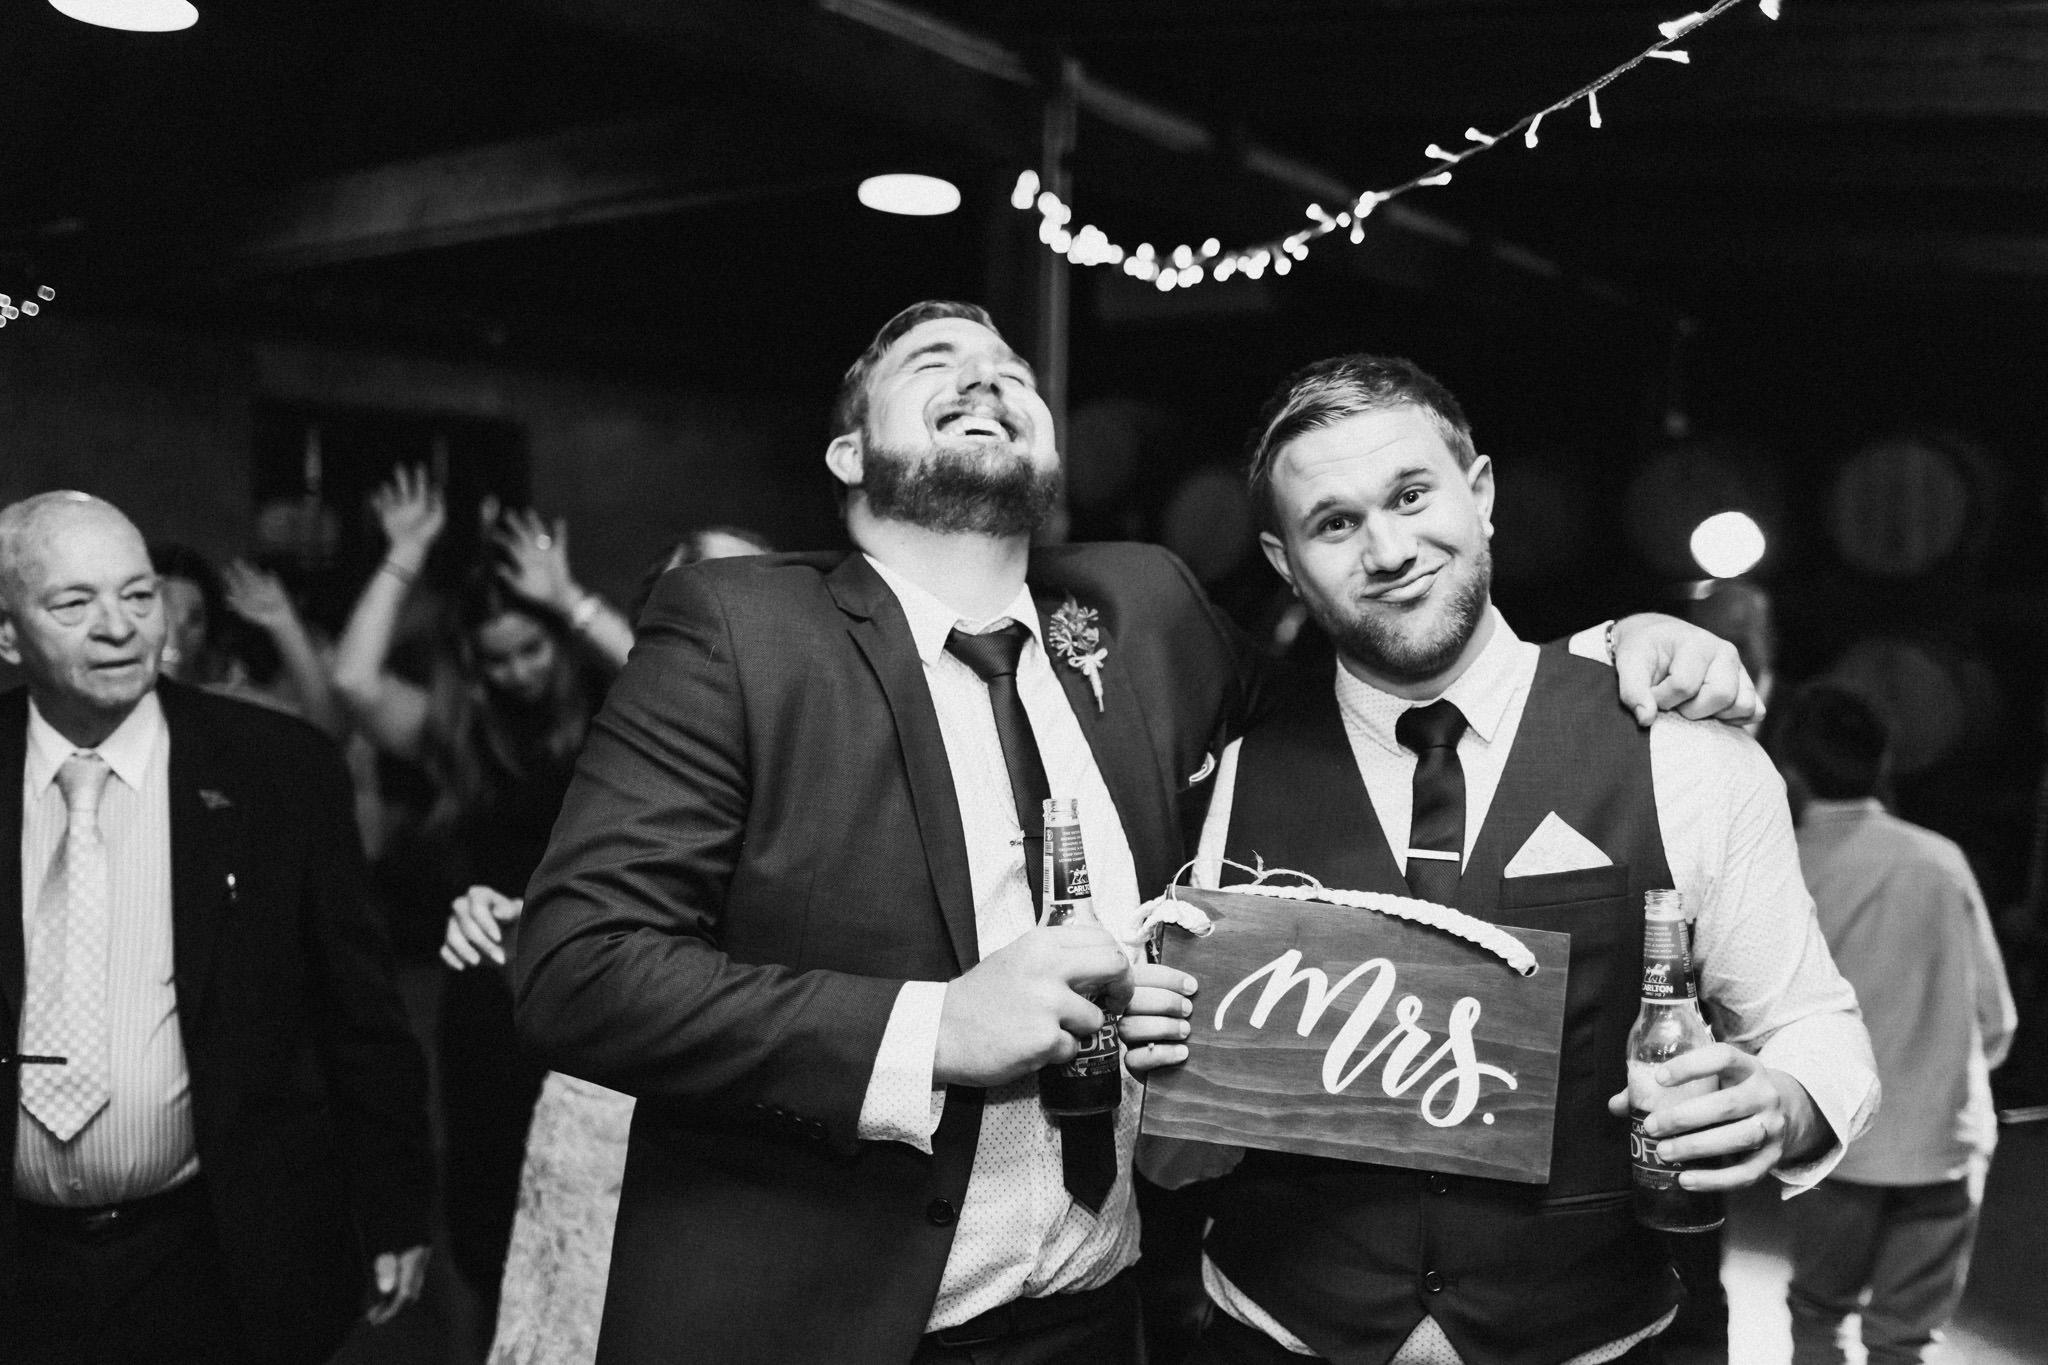 WeddingPhotos_Facebook_2048pixels-1176.jpg